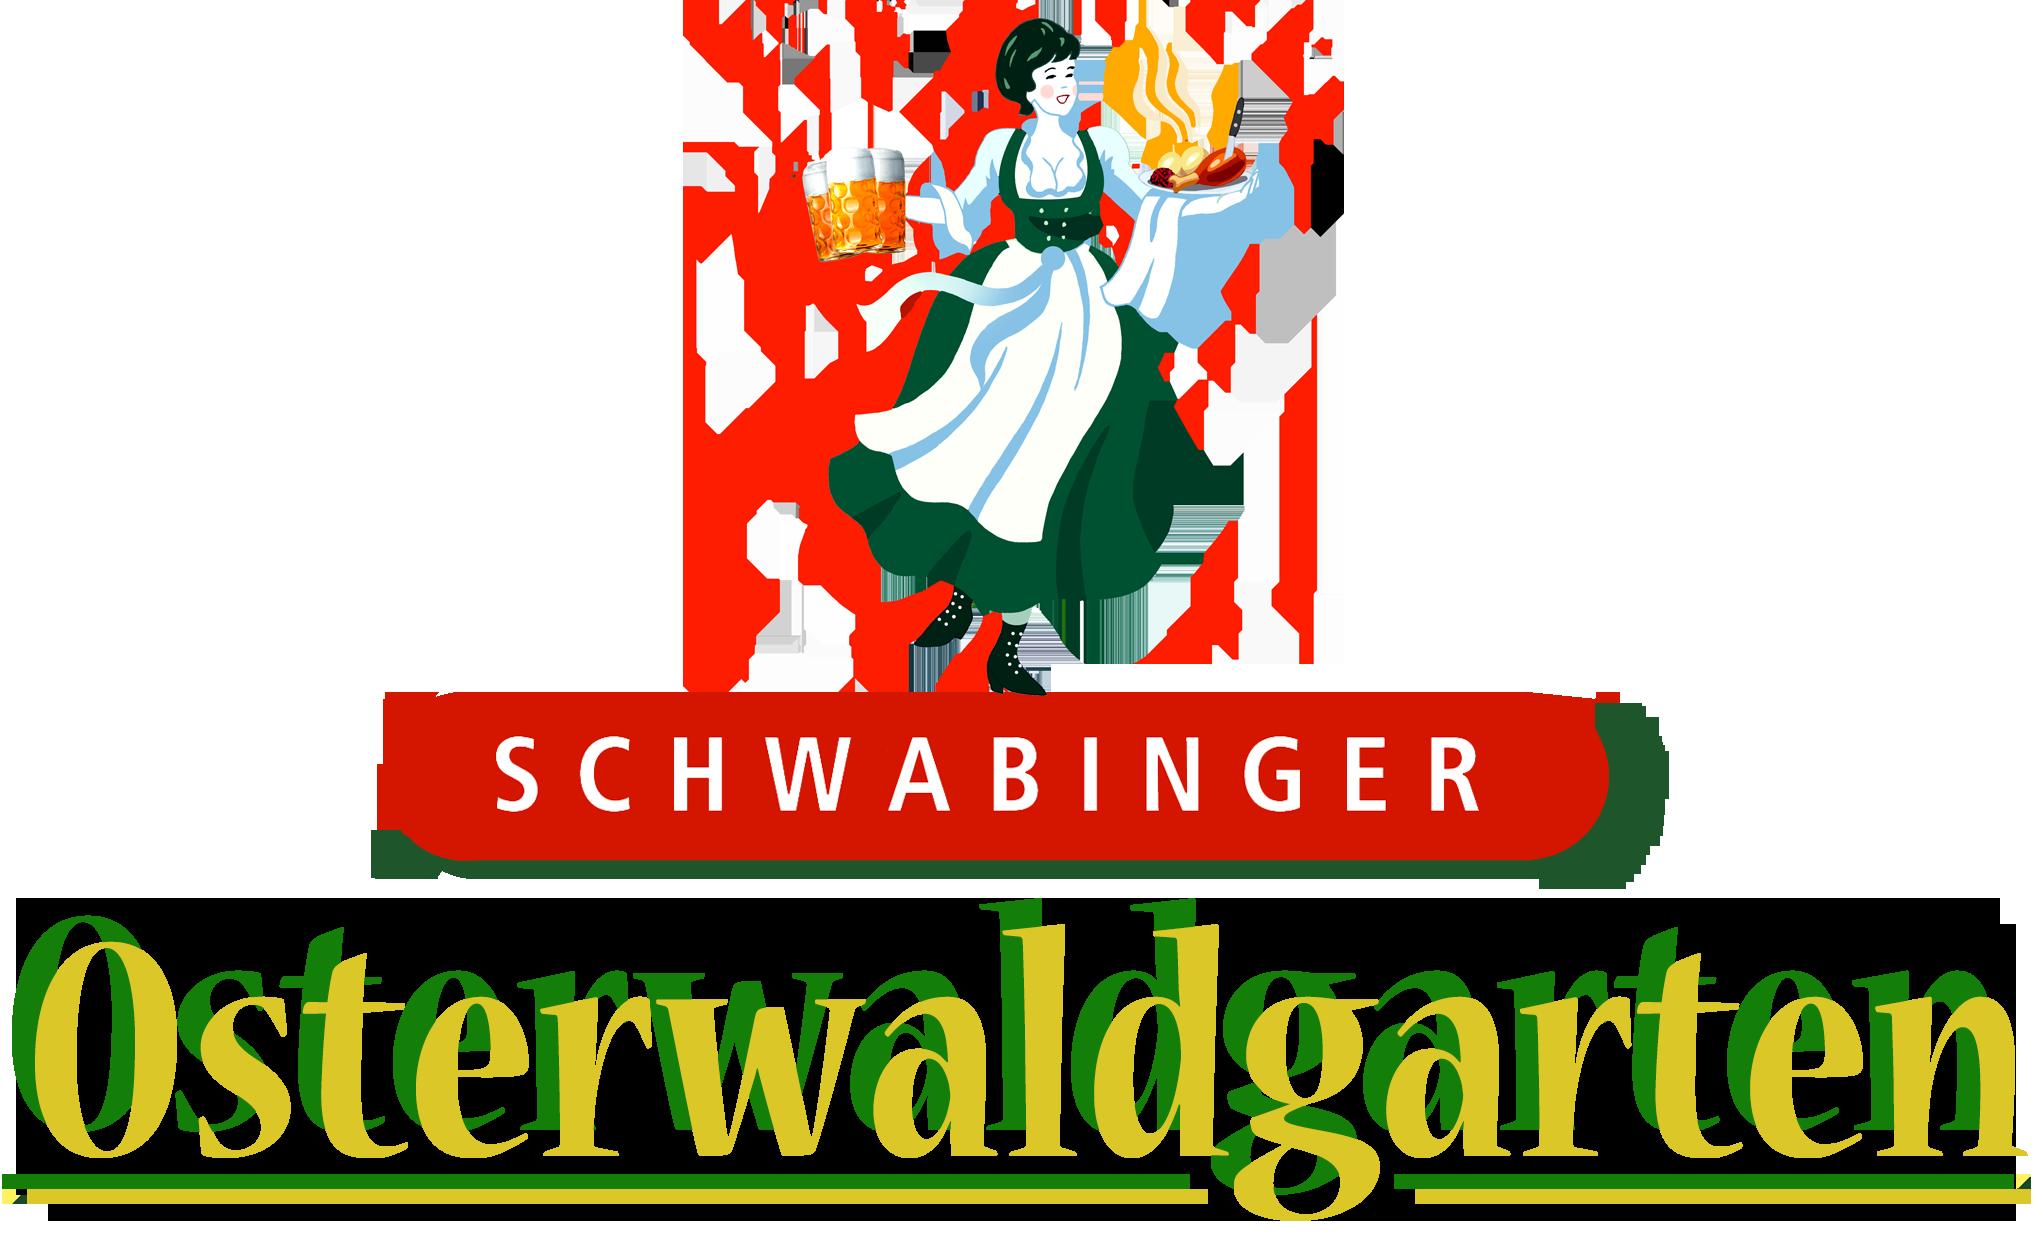 Schwabinger Osterwaldgarten